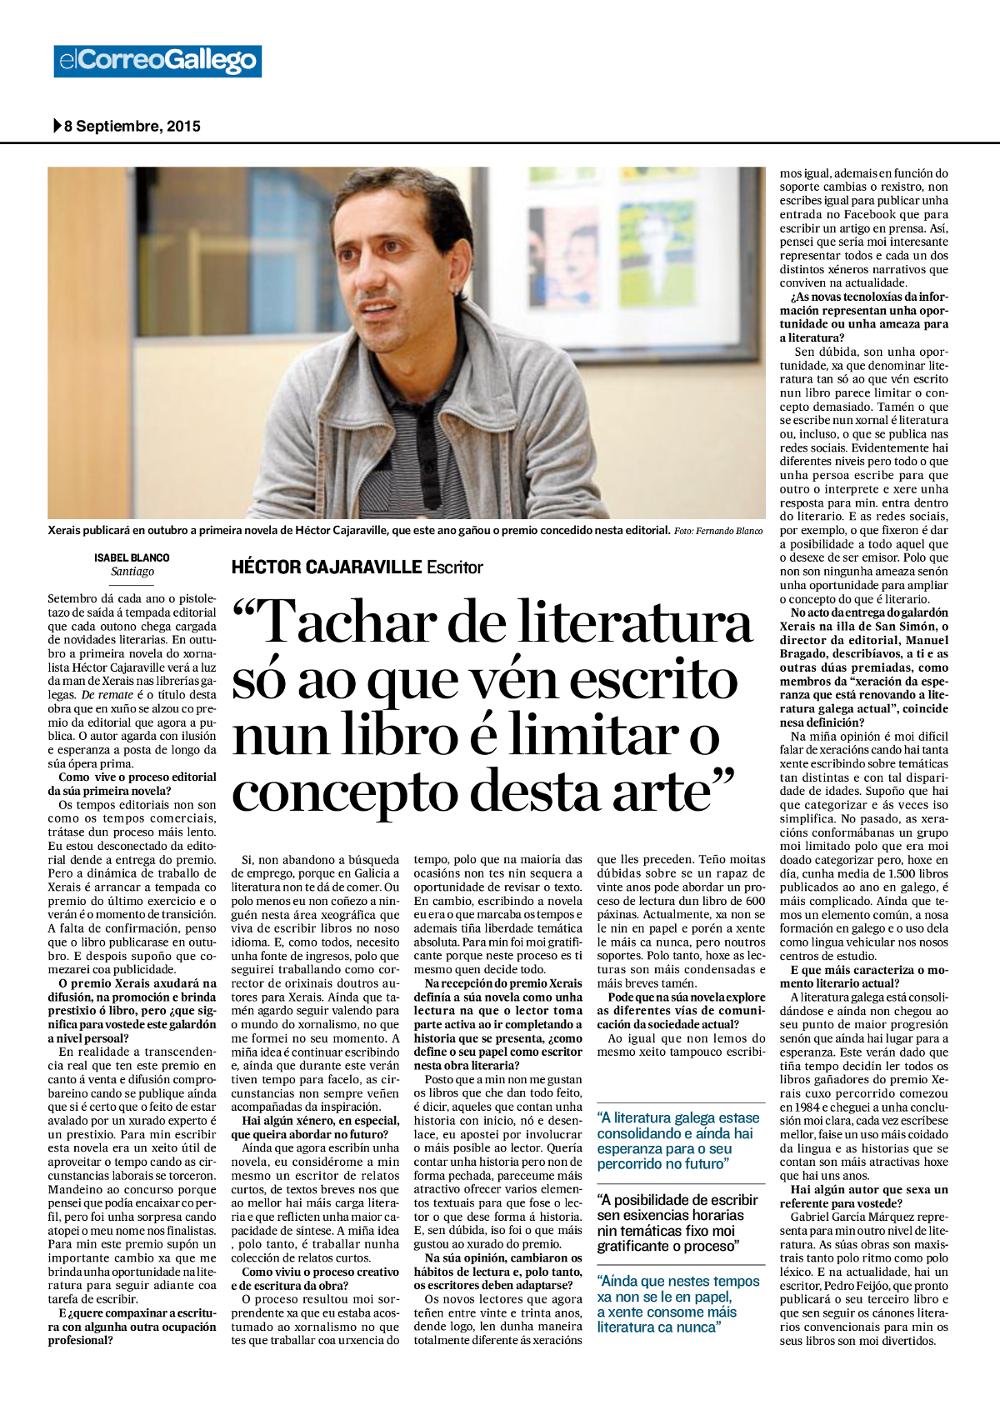 Entrevista Correo Gallego Héctor Cajaraville